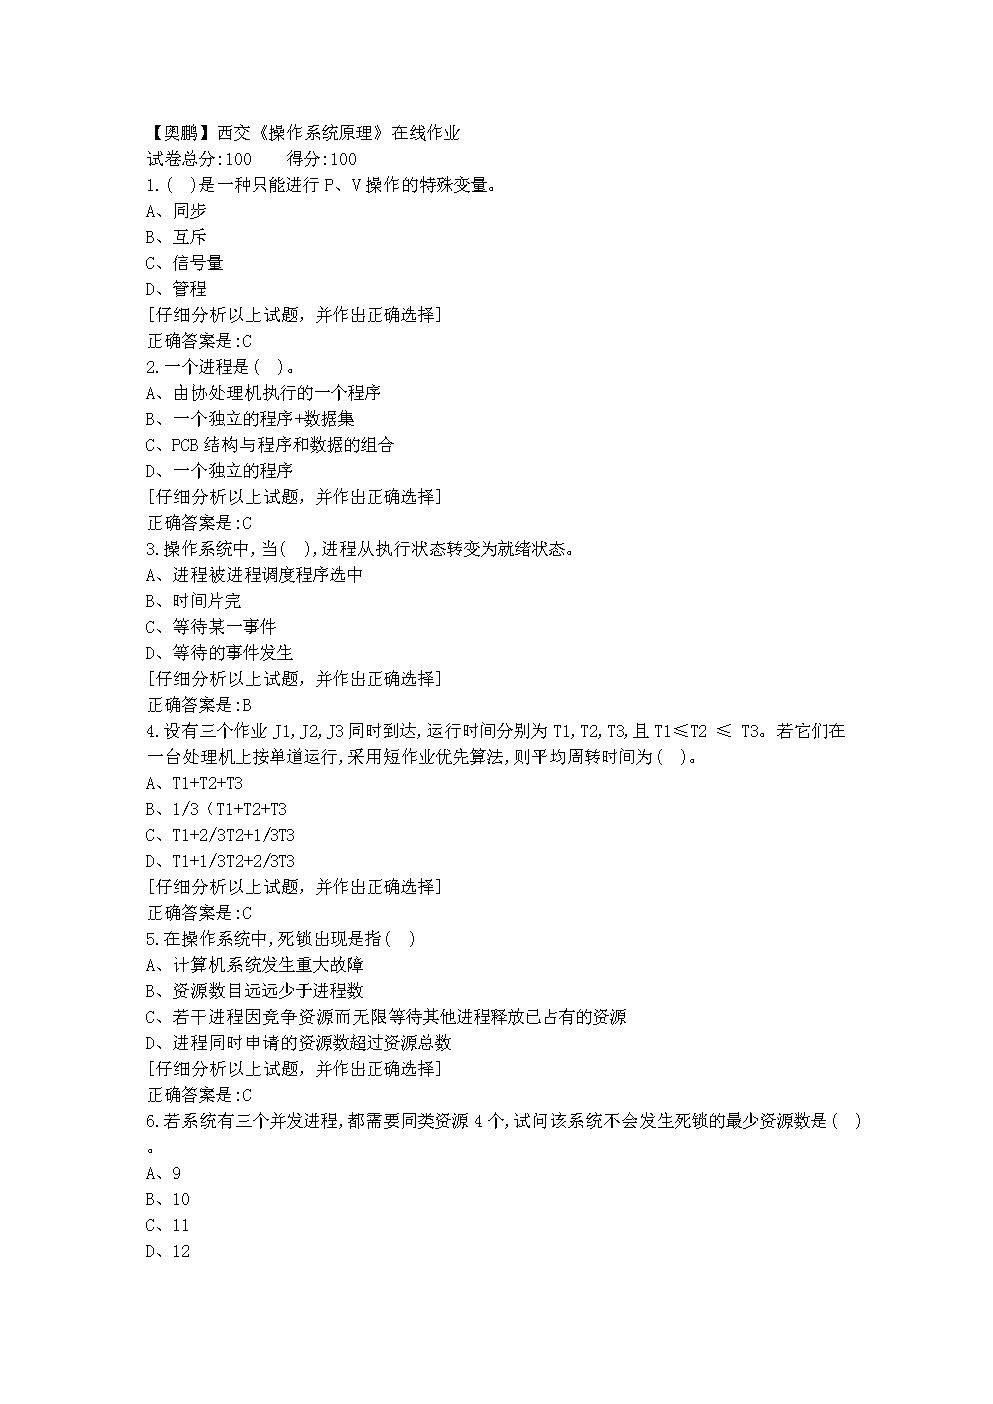 2019年秋西交《操作系统原理》在线作业答案3.doc